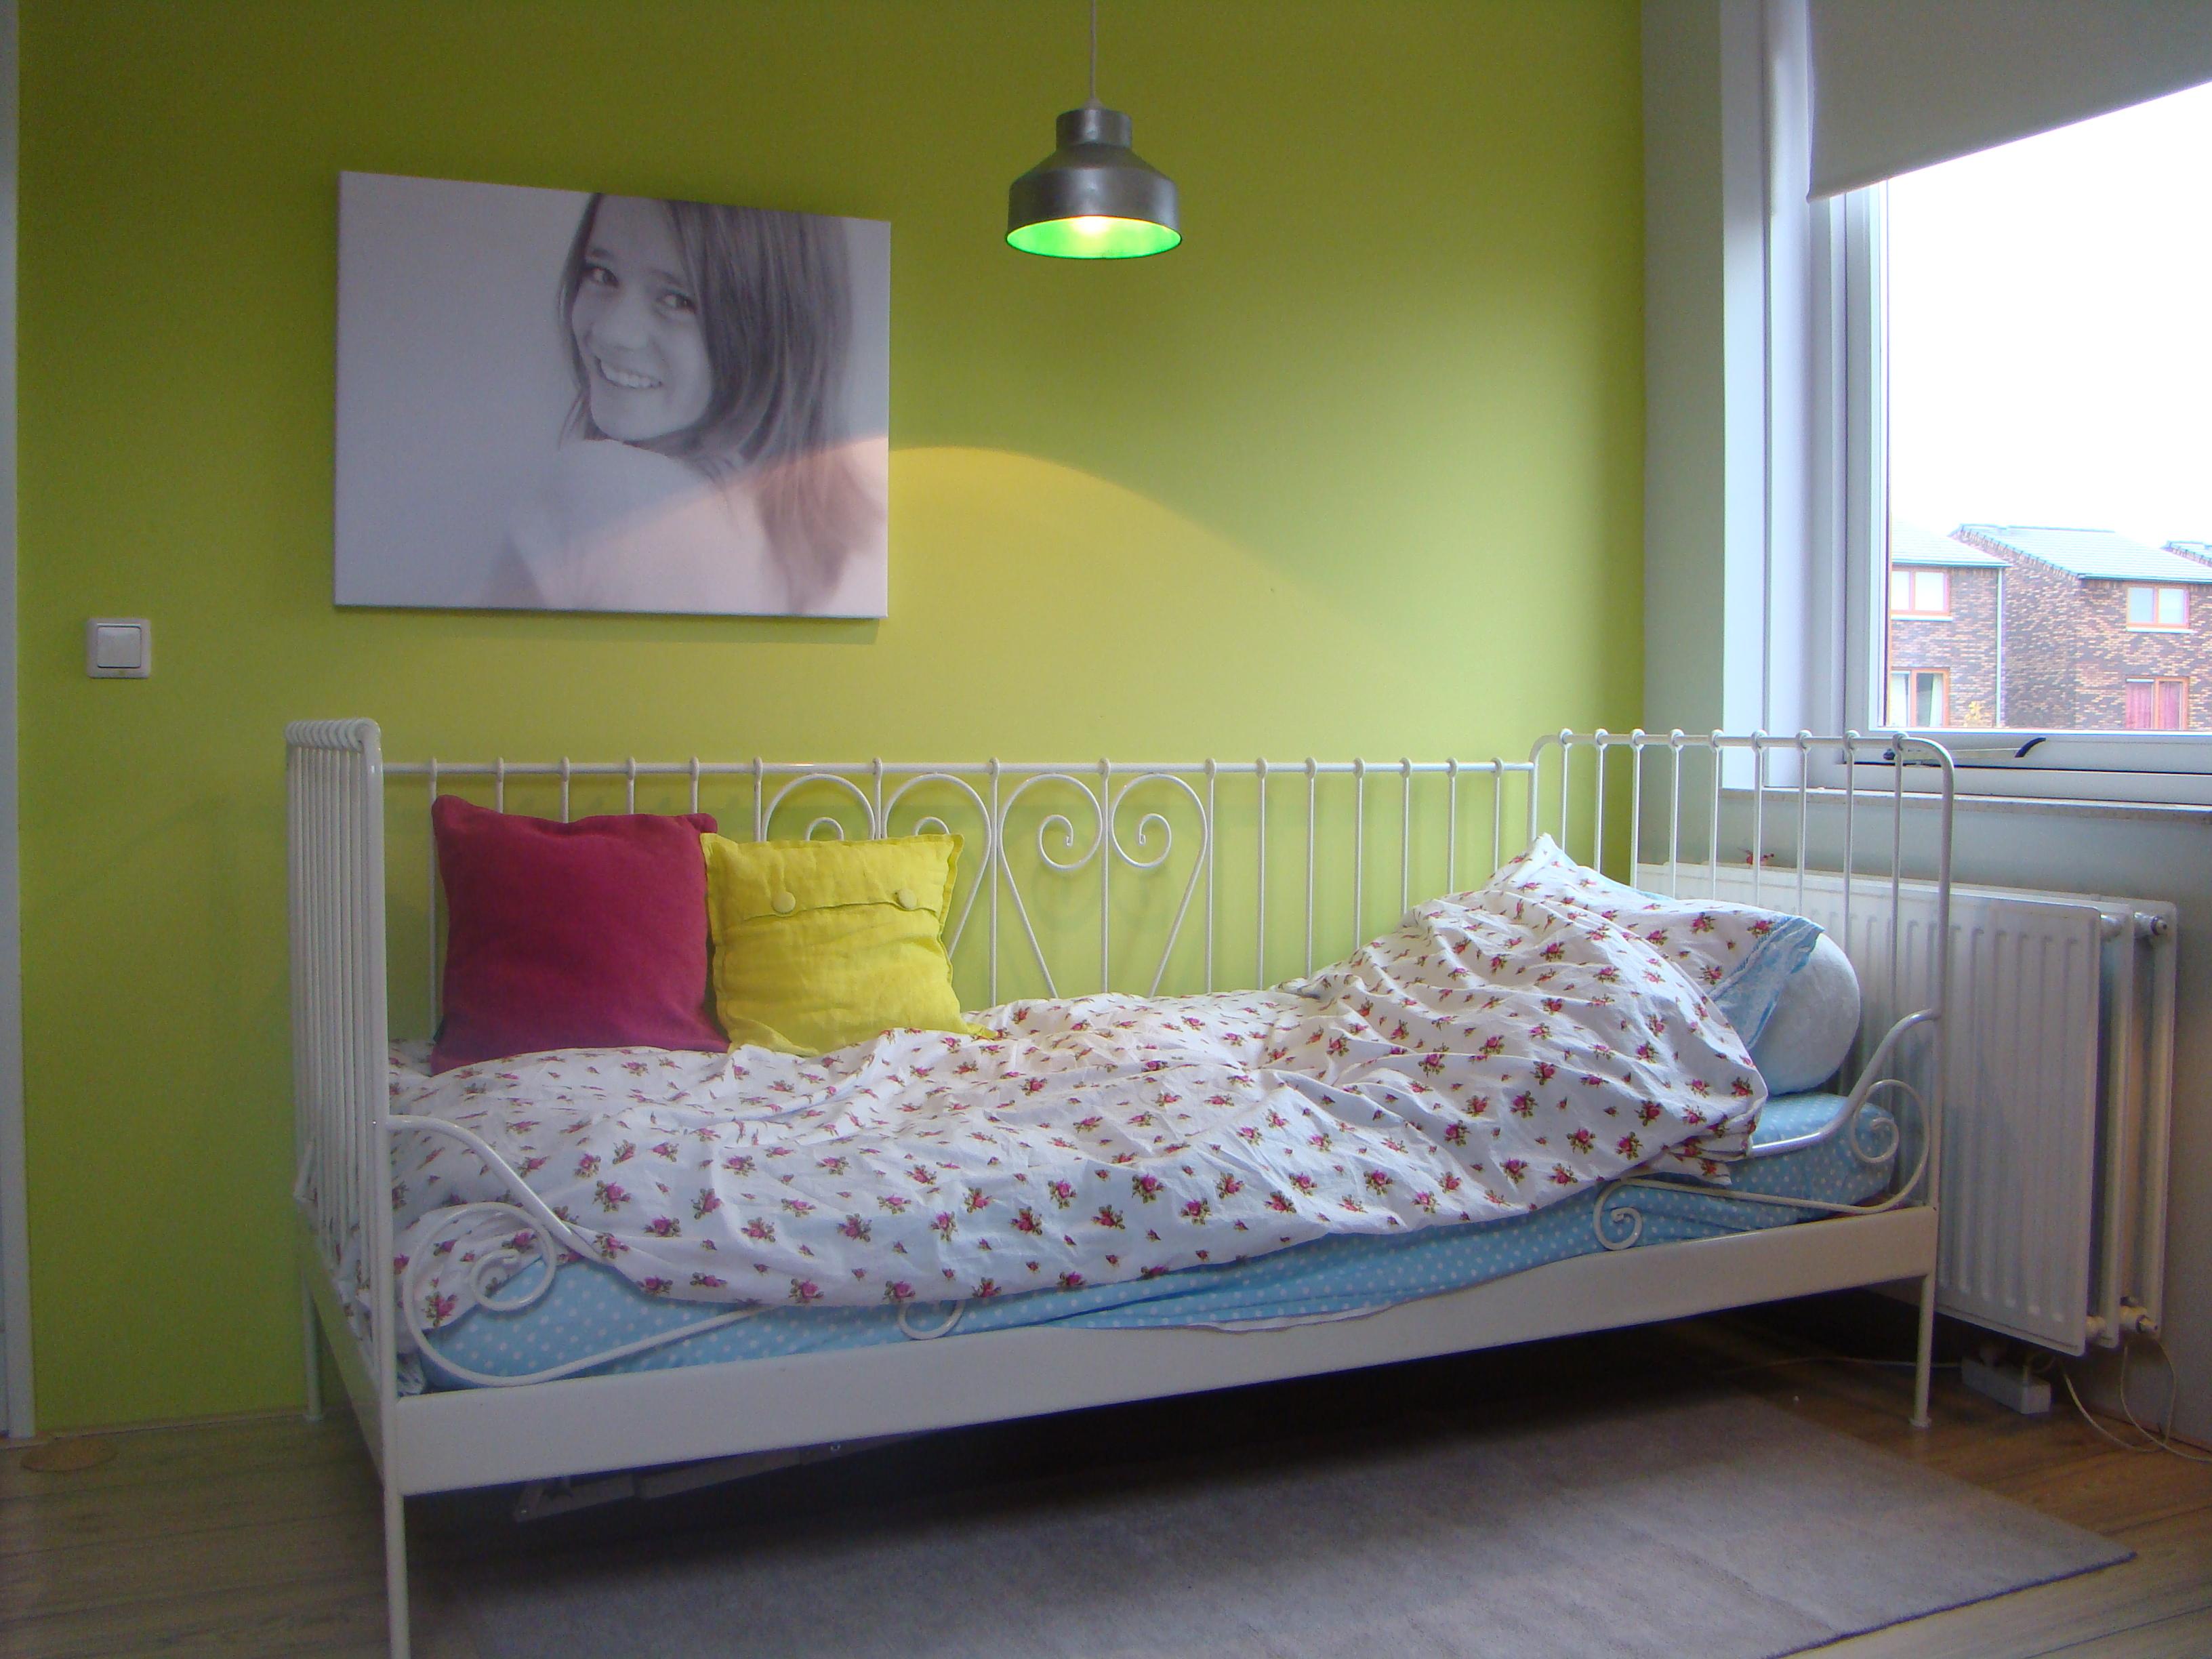 Aanbevolen idee n voor je kamer inspirerende idee n ontwerp met foto 39 s en voorbeelden - Beeld decoratie slaapkamer ...